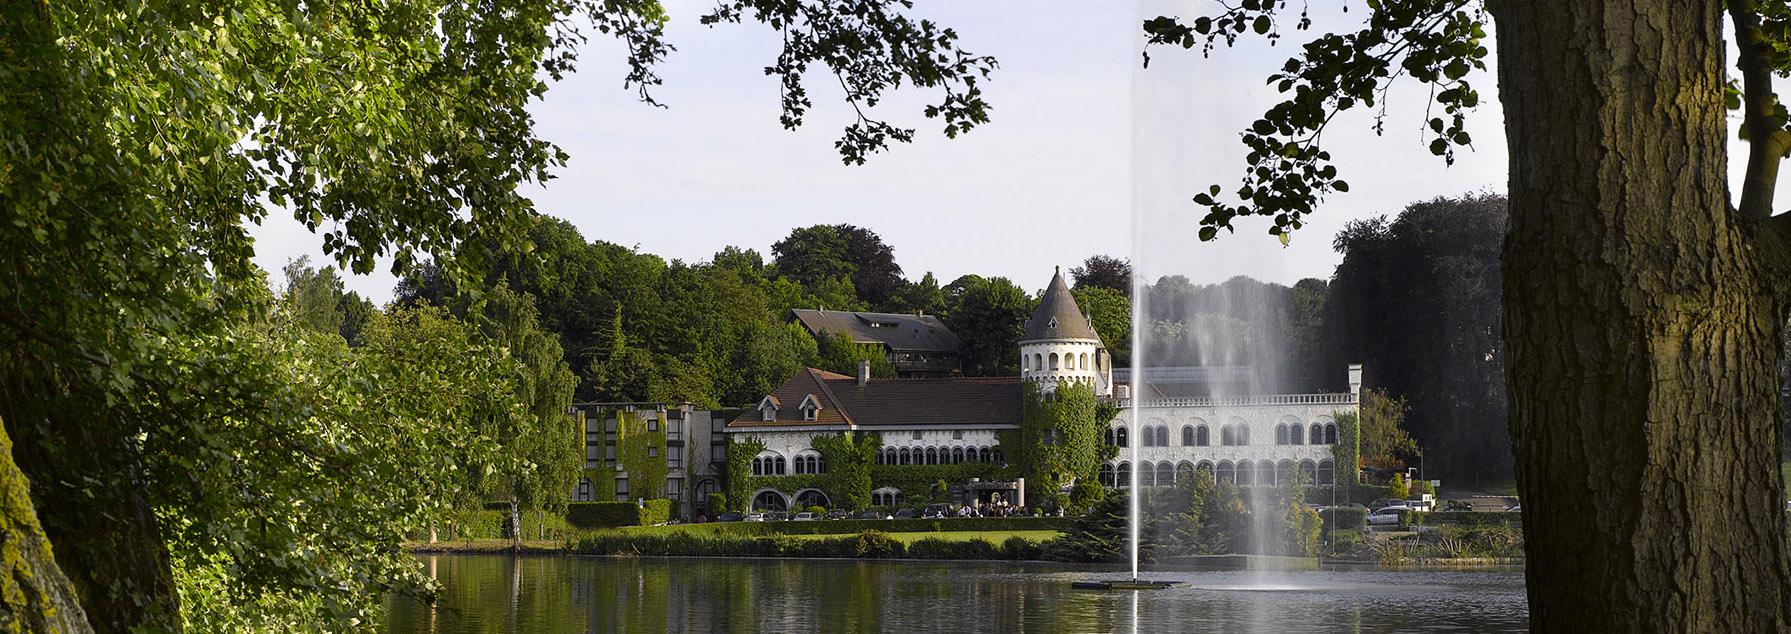 Supertrips - Martin's Chateau du Lac, België